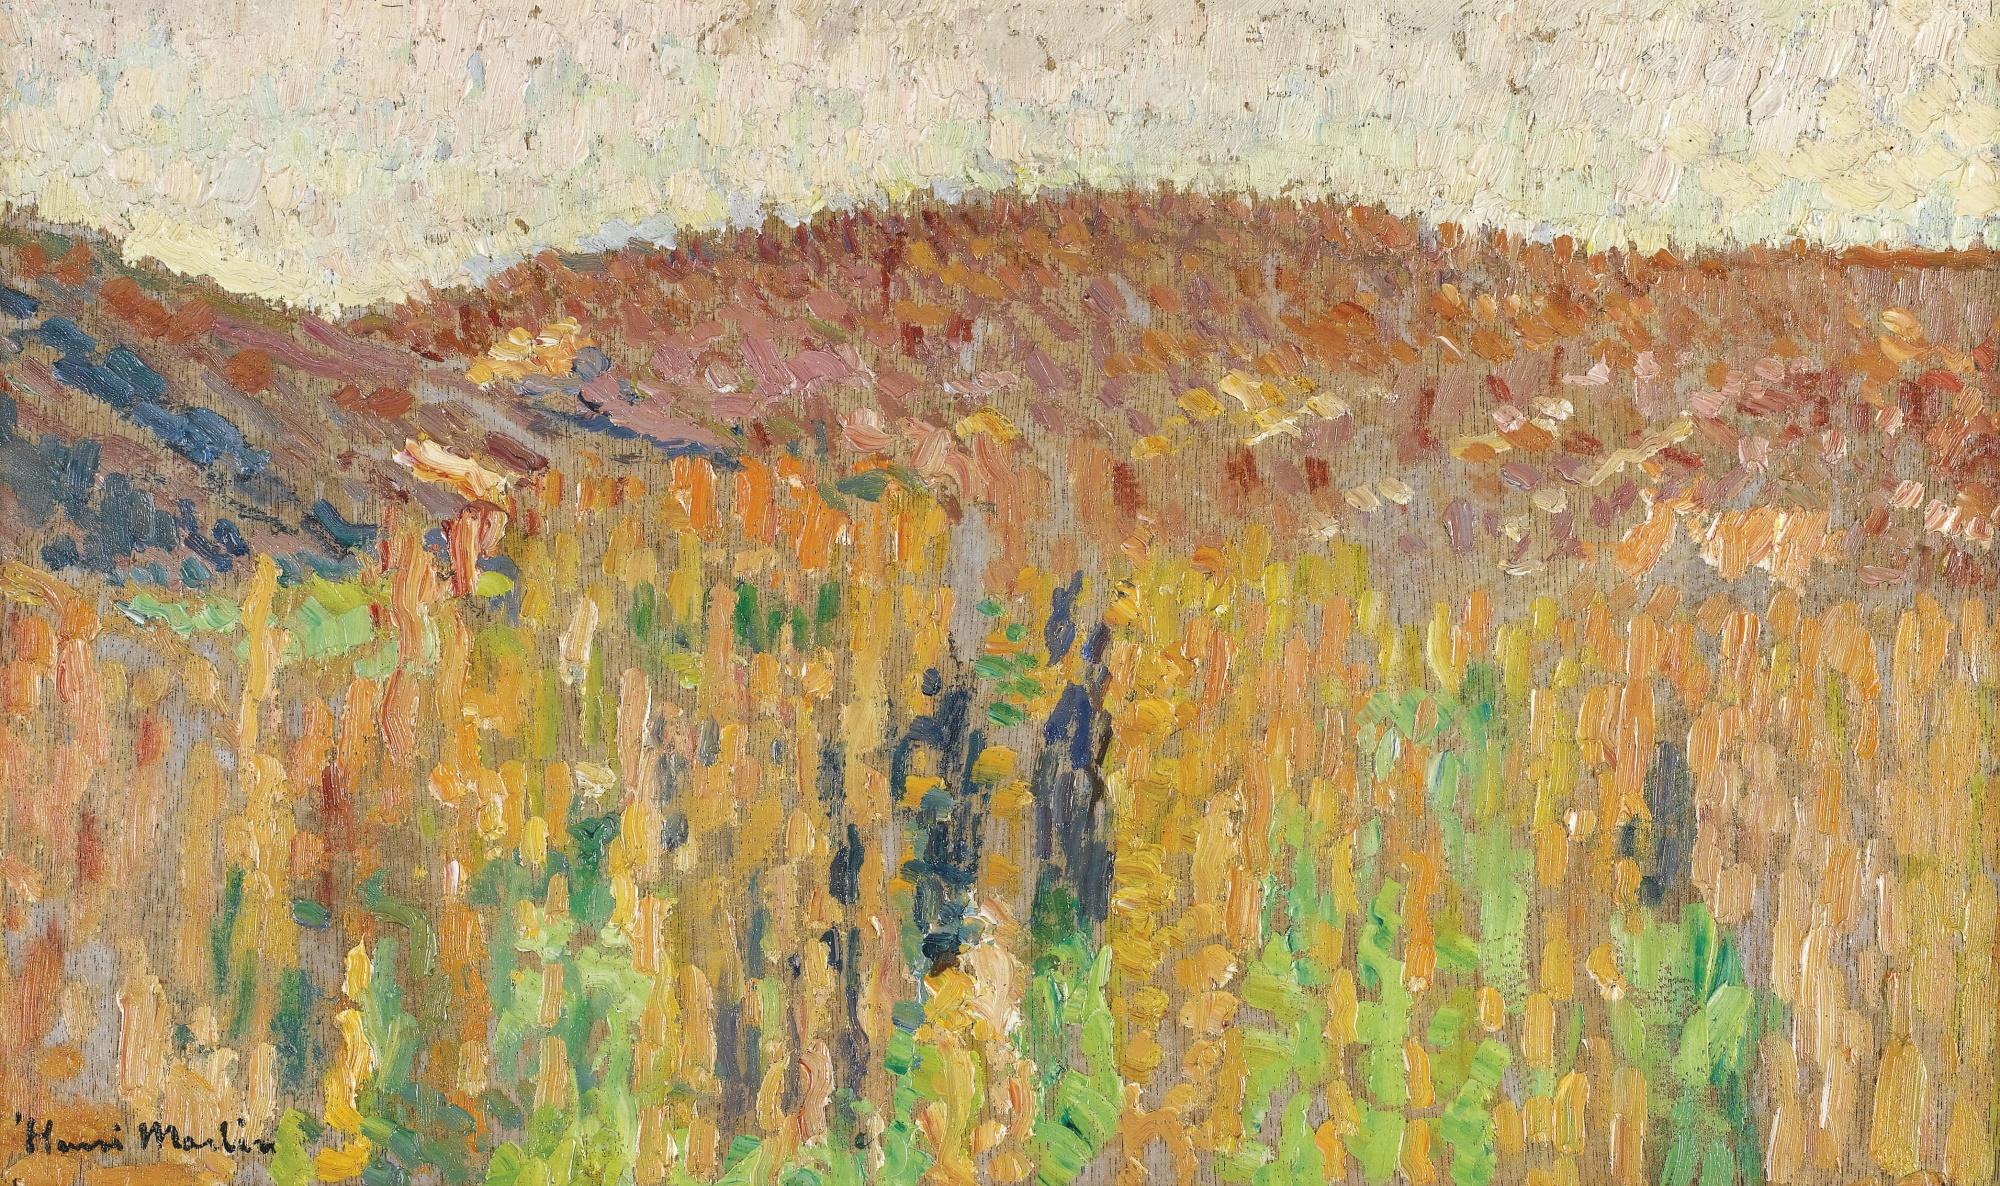 Henri Martin-Paysage Du Lot - Recto Etude De Pieds Laces - Verso-